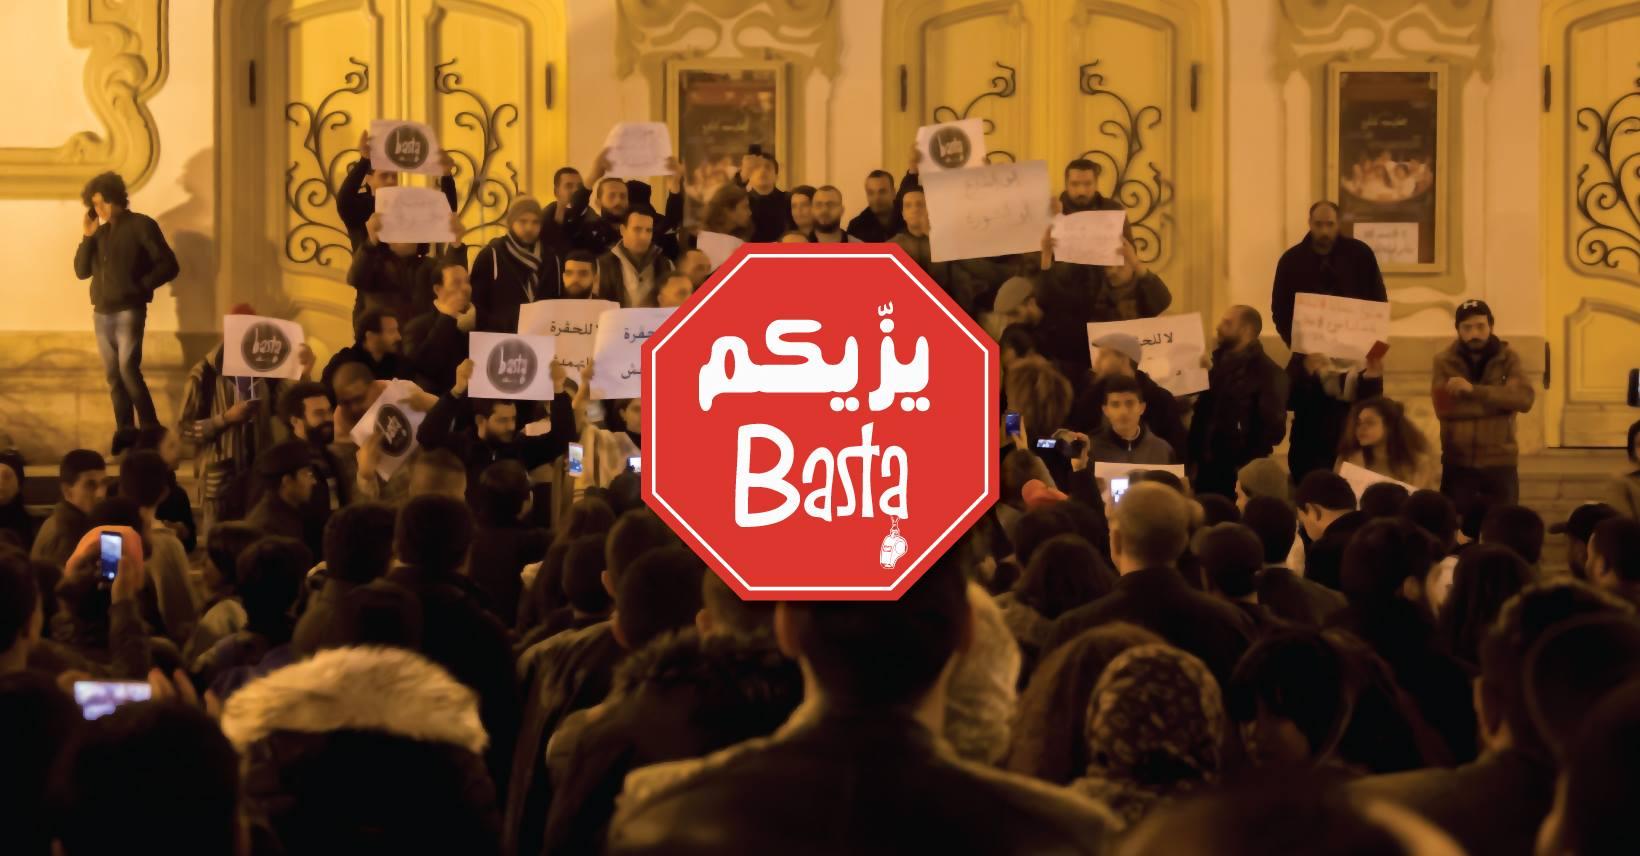 """الجبهة الشعبية تُدين إيقاف ناشطة في حملة """"basta"""""""